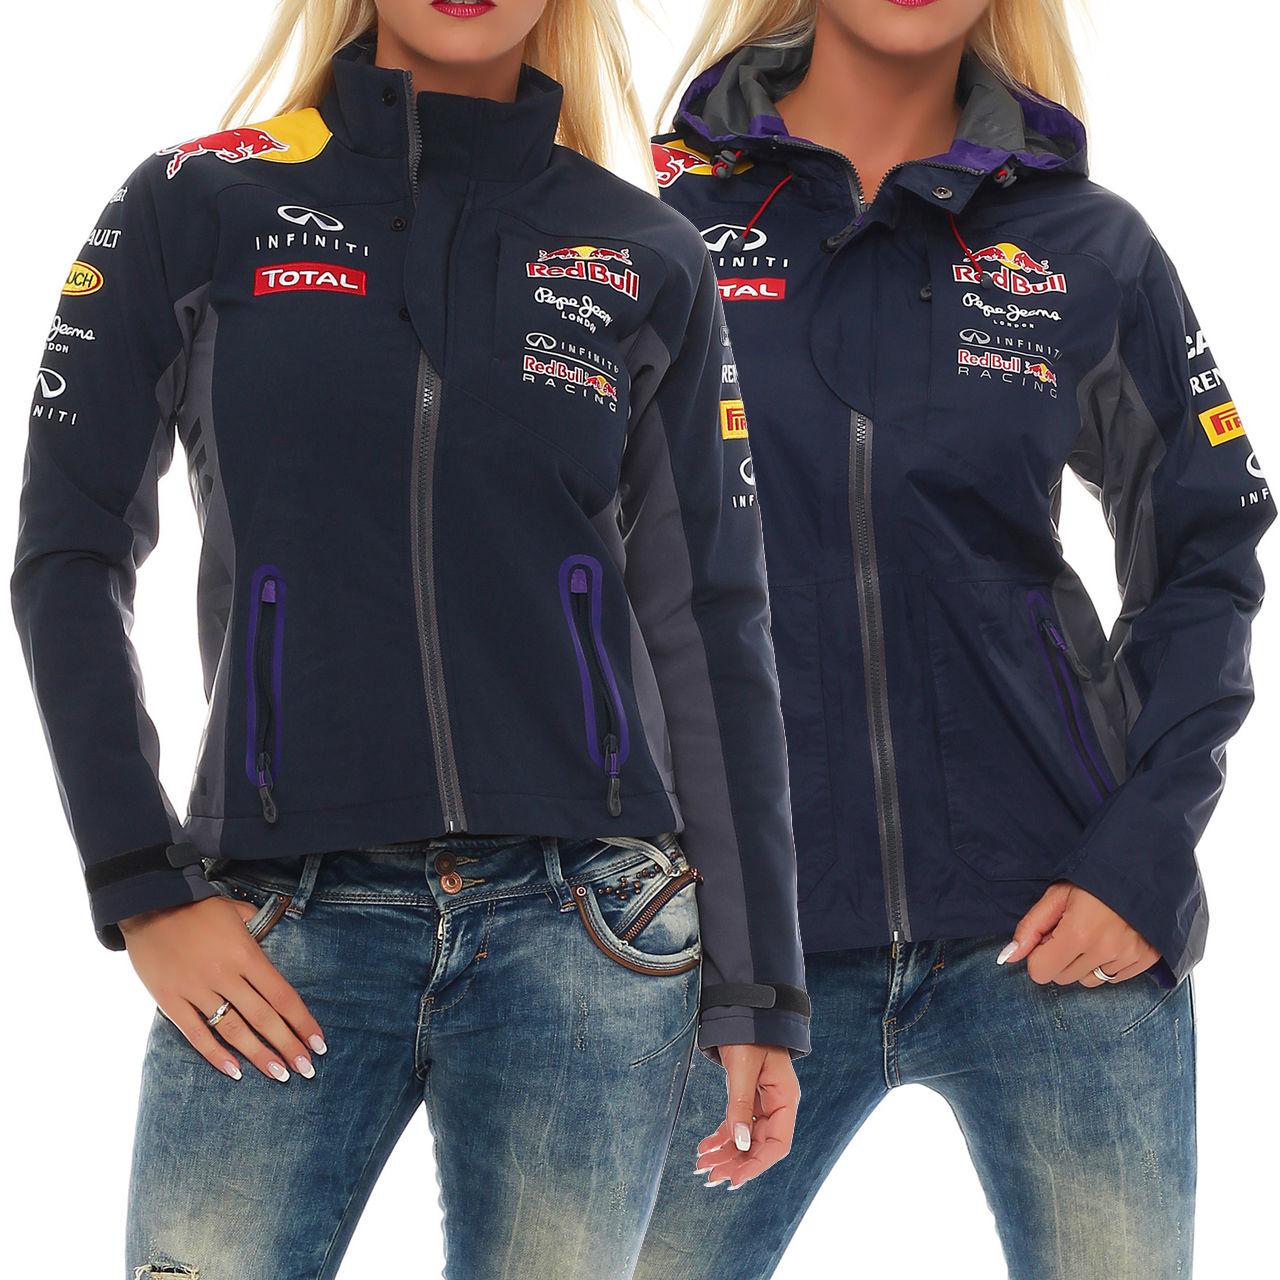 Red Bull Formule 1 dames(regen/softshell) jas van Pepe Jeans voor € 29.99 @ Ebay